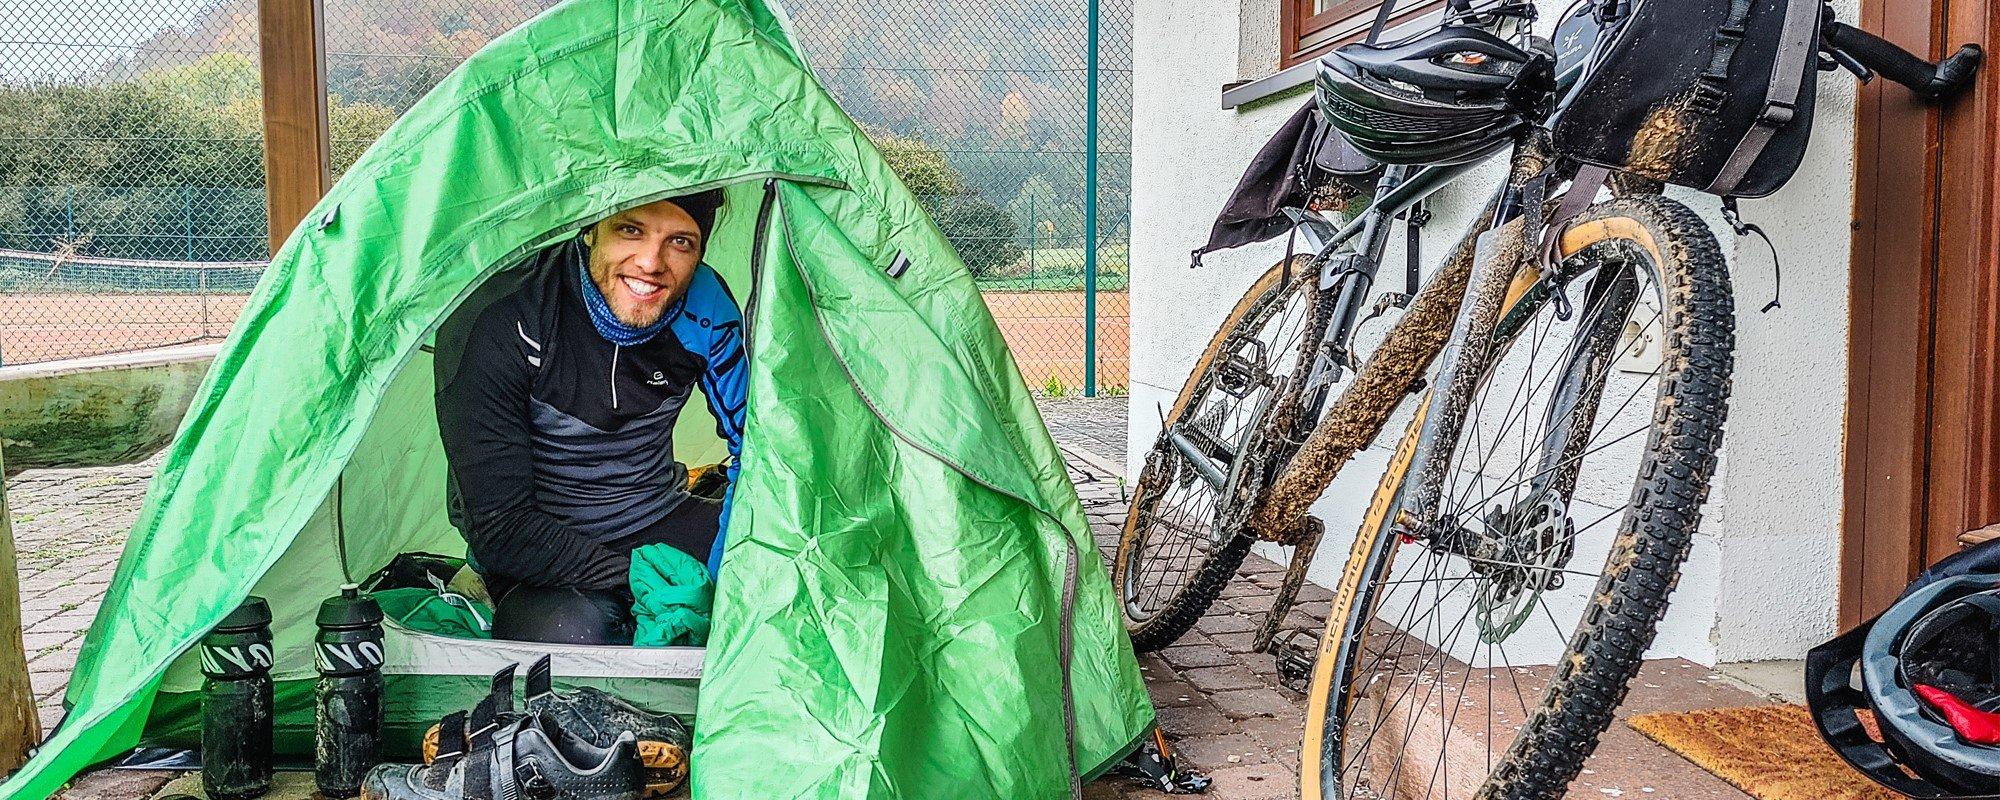 Ausrüstung für den Bikepacking Overnighter – Eine Nacht draußen Schlafen